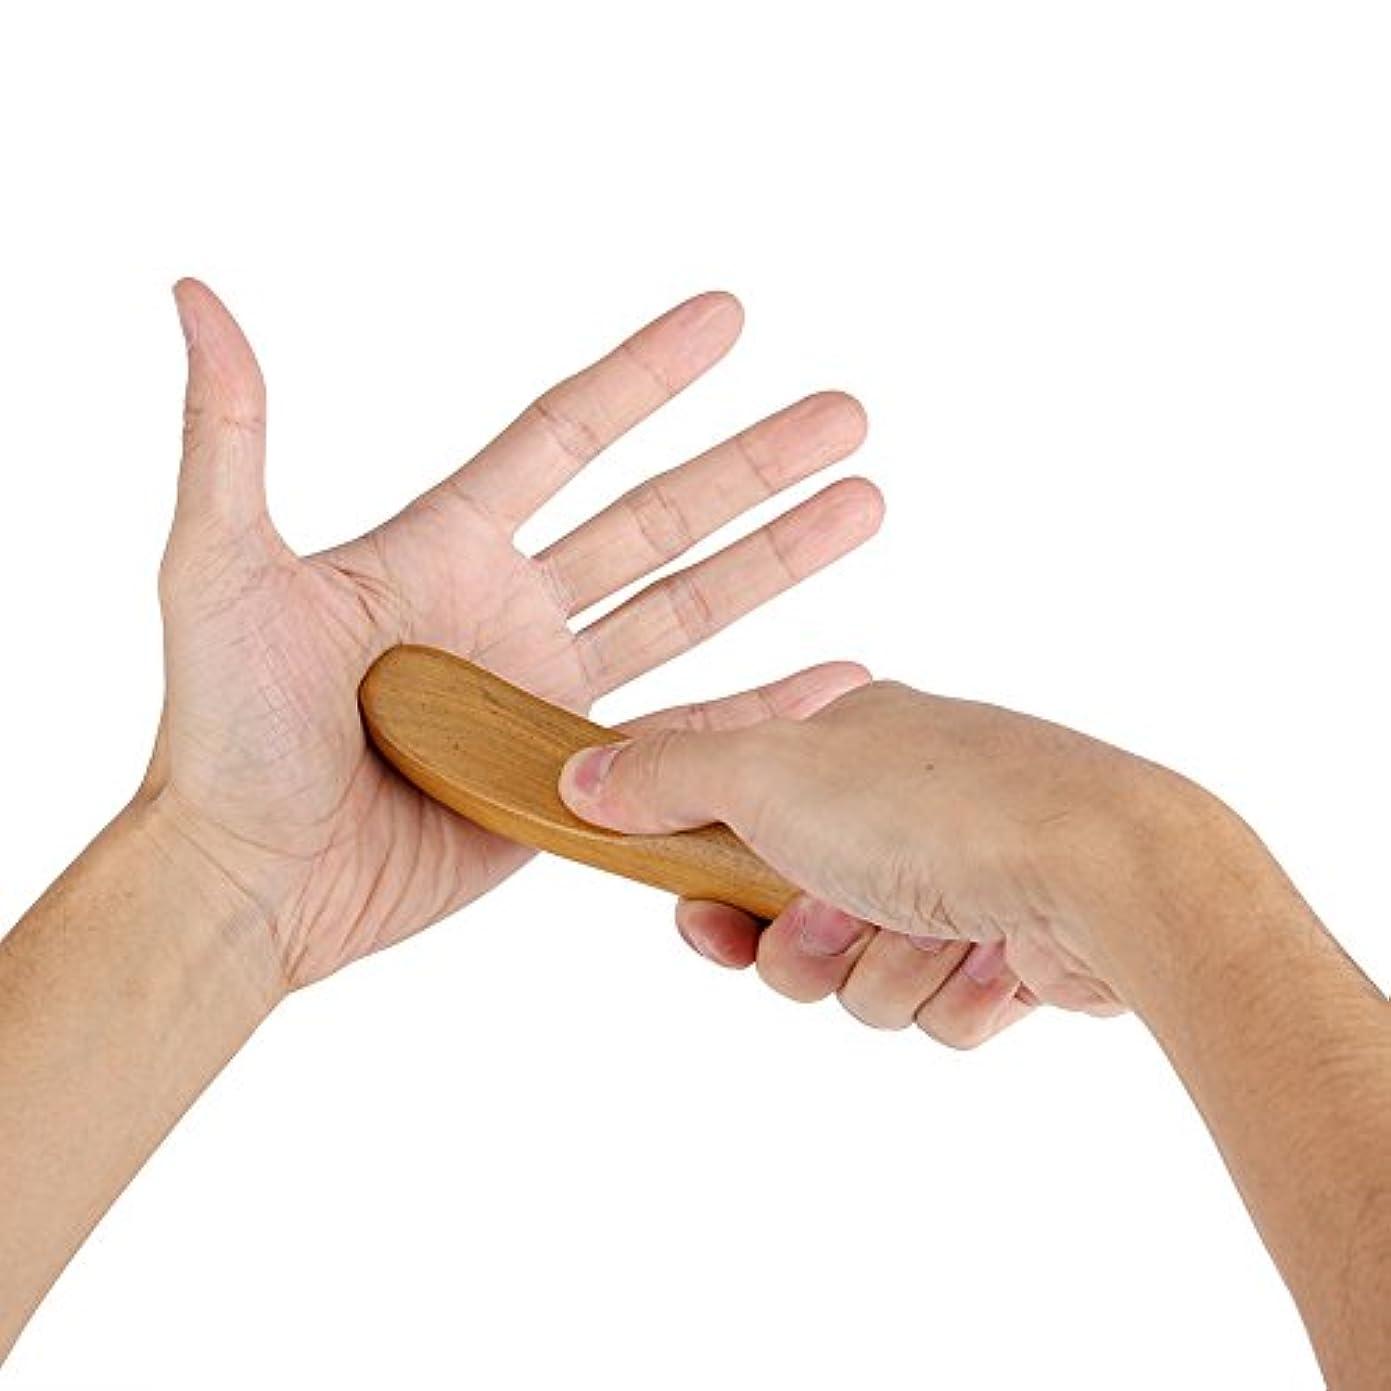 不足韓国歌香りのよい木指圧ポイント子午線掻き寄せスティックミニフィンガーバックボディマッサージャー